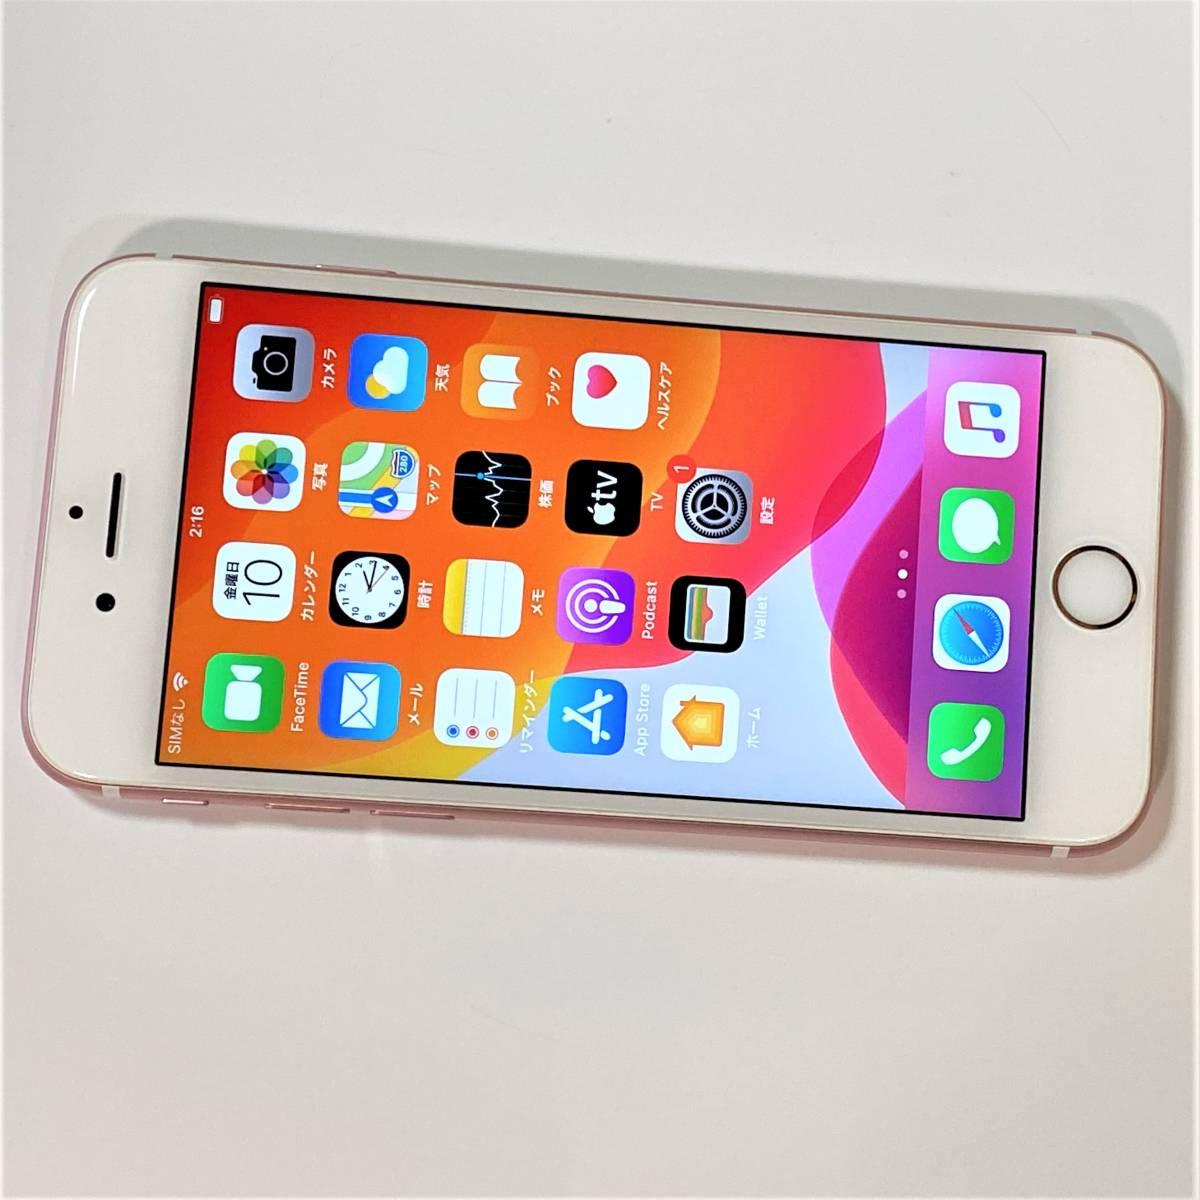 (美品) SIMフリー iPhone 6S ローズゴールド 32GB MN122J/A バッテリー最大容量87% iOS13.5.1 docomo 格安SIM MVNO 海外利用可能